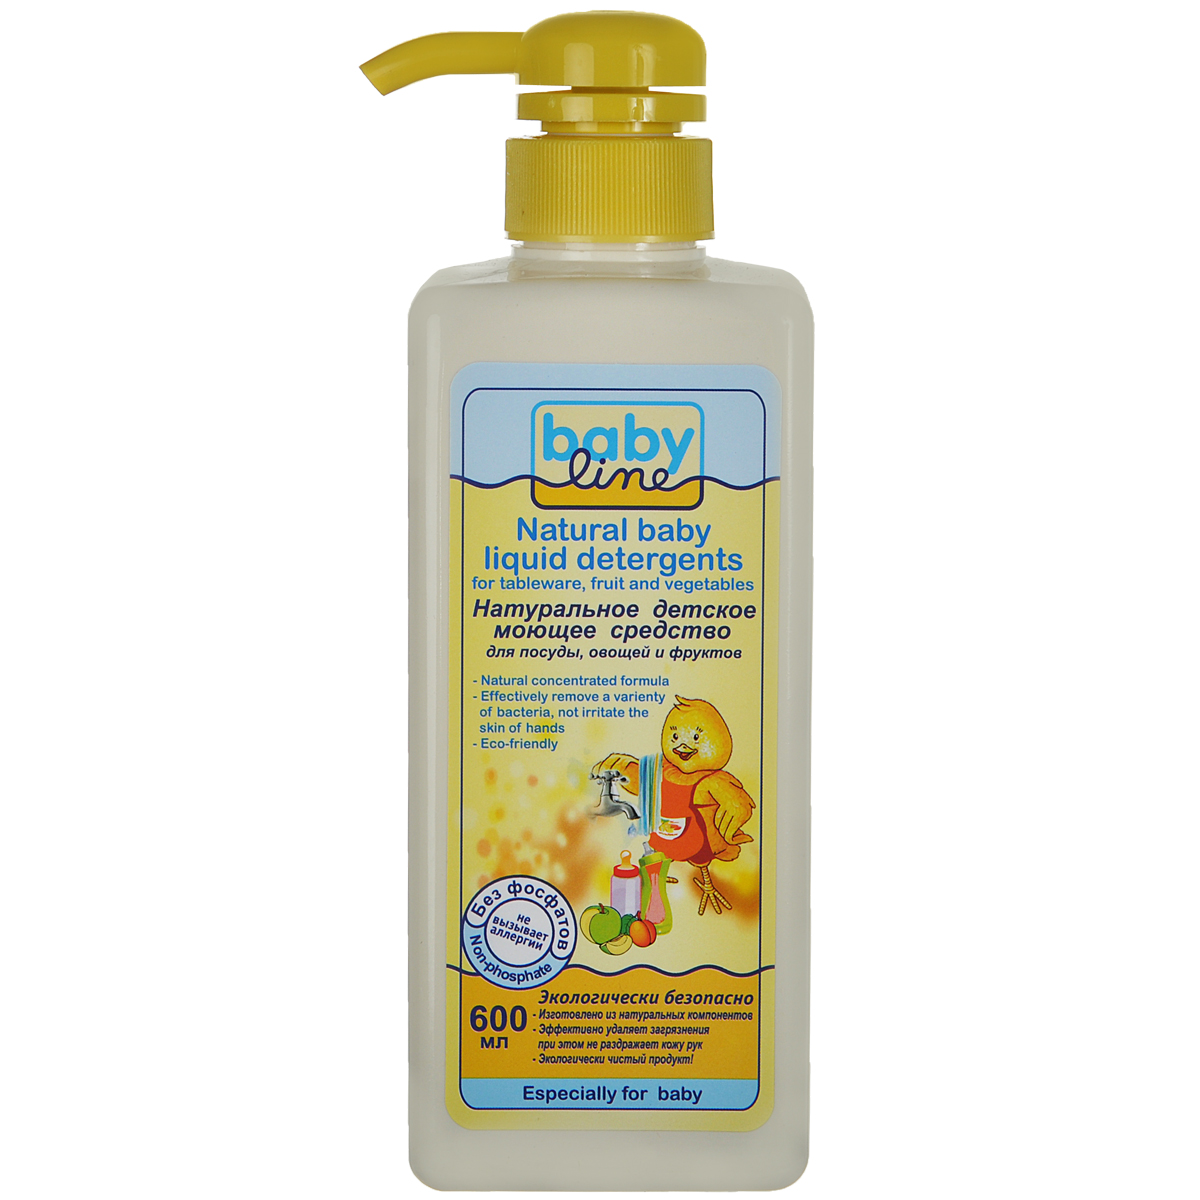 BabyLine Моющее средство для посуды, овощей и фруктов, натуральное, детское, 600 мл18273362Моющее средствоBabyLine изготовлено из натурального сырья и компонентов, используемых в производстве продуктов питания, поэтому полностью безопасно для младенцев с первых дней жизни.Эффективно удаляет пищевые загрязнения и бактерии с детской посуды, сосок и т.д.Особенно рекомендовано для мытья фруктов и овощей. Характеристики:Объем: 600 мл. Артикул: 18273362. Изготовитель: Германия. Товар сертифицирован.Как выбрать качественную бытовую химию, безопасную для природы и людей. Статья OZON Гид